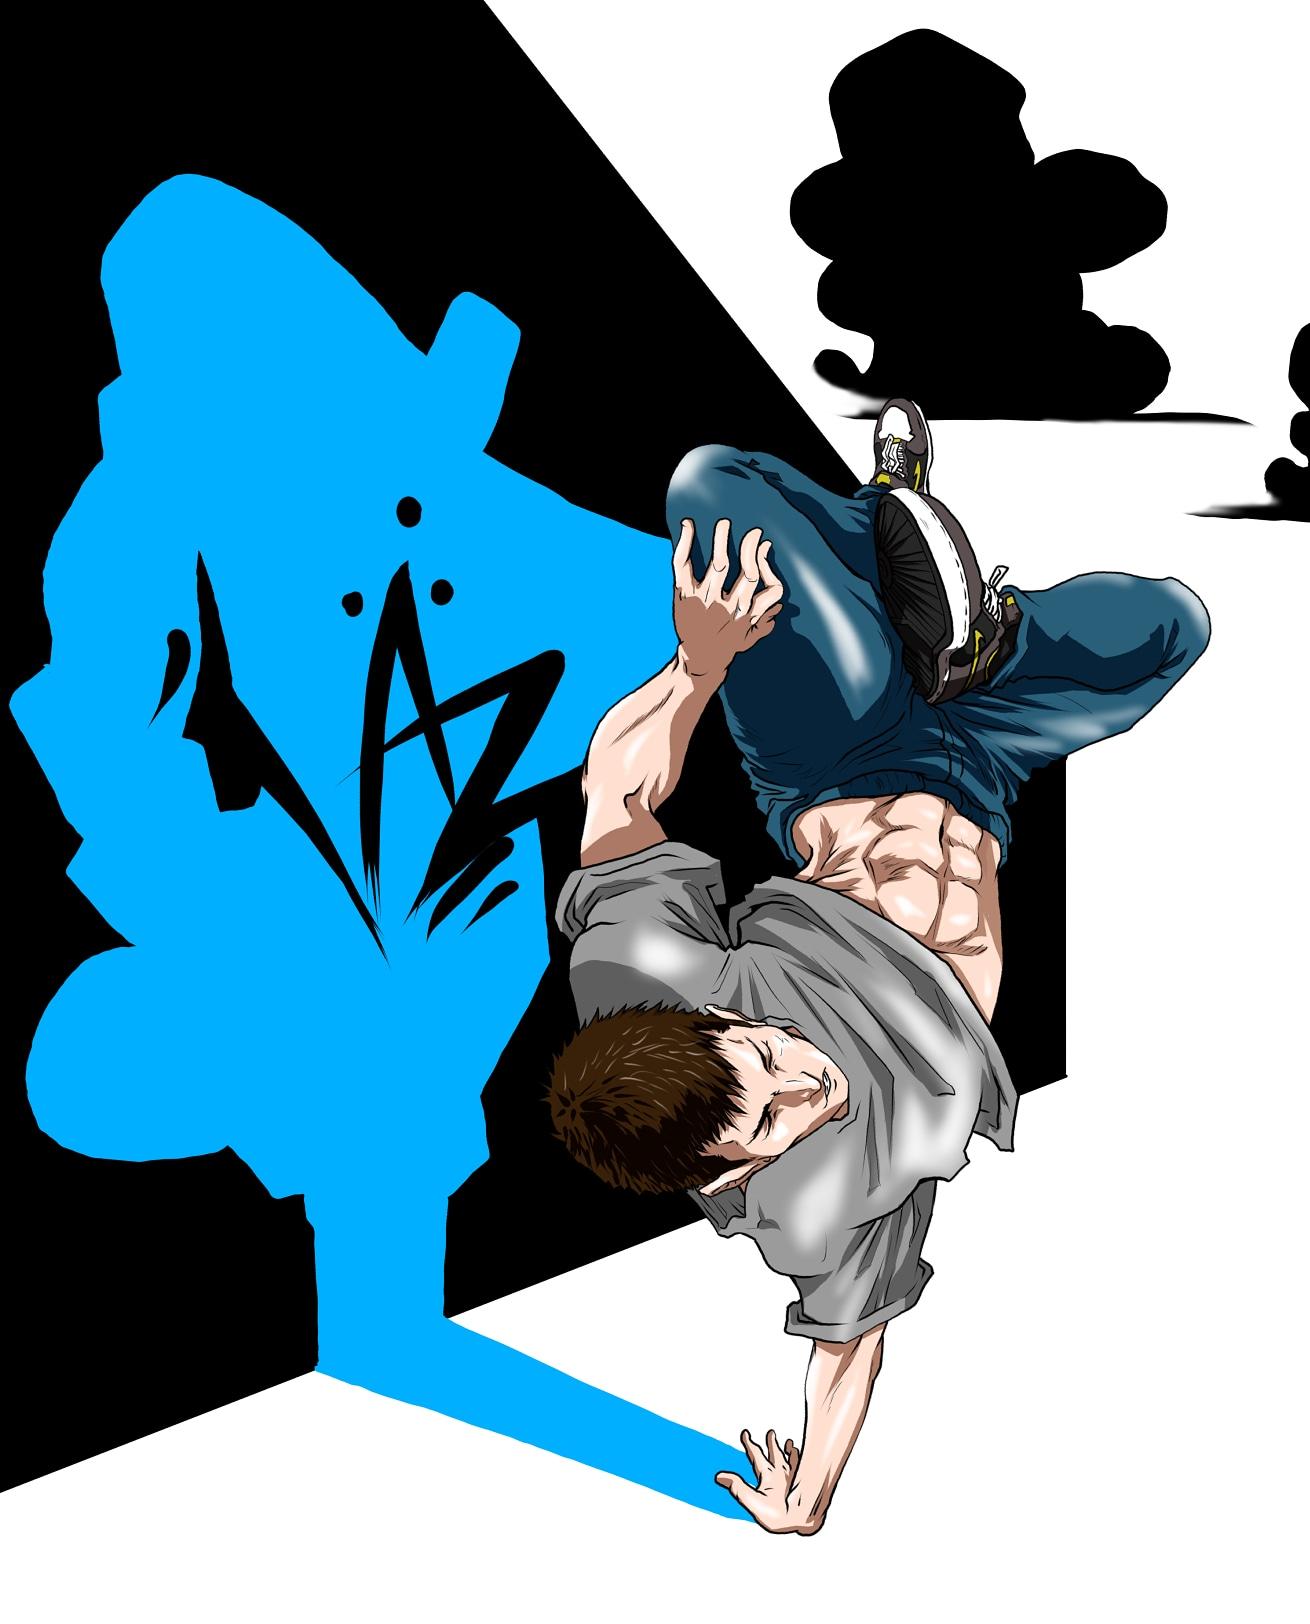 ブレイクダンスのイラスト(足組ジョーダン)